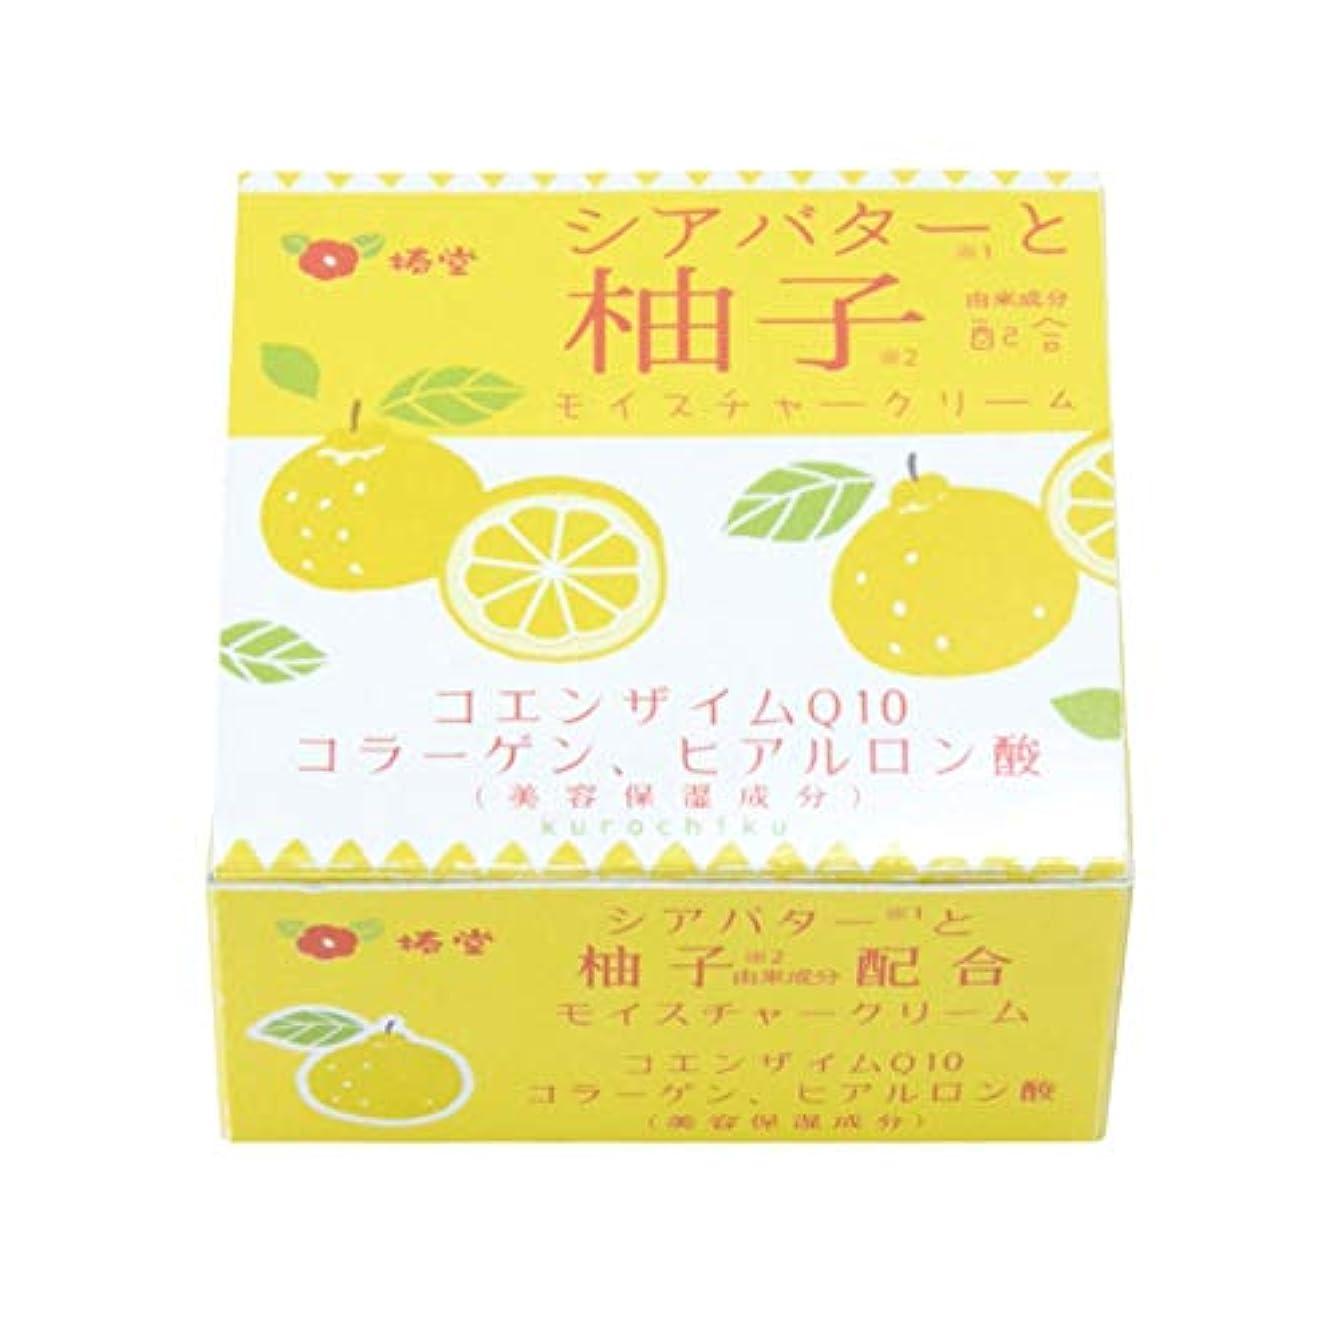 細部歩くベアリング椿堂 柚子モイスチャークリーム (シアバターと柚子) 京都くろちく